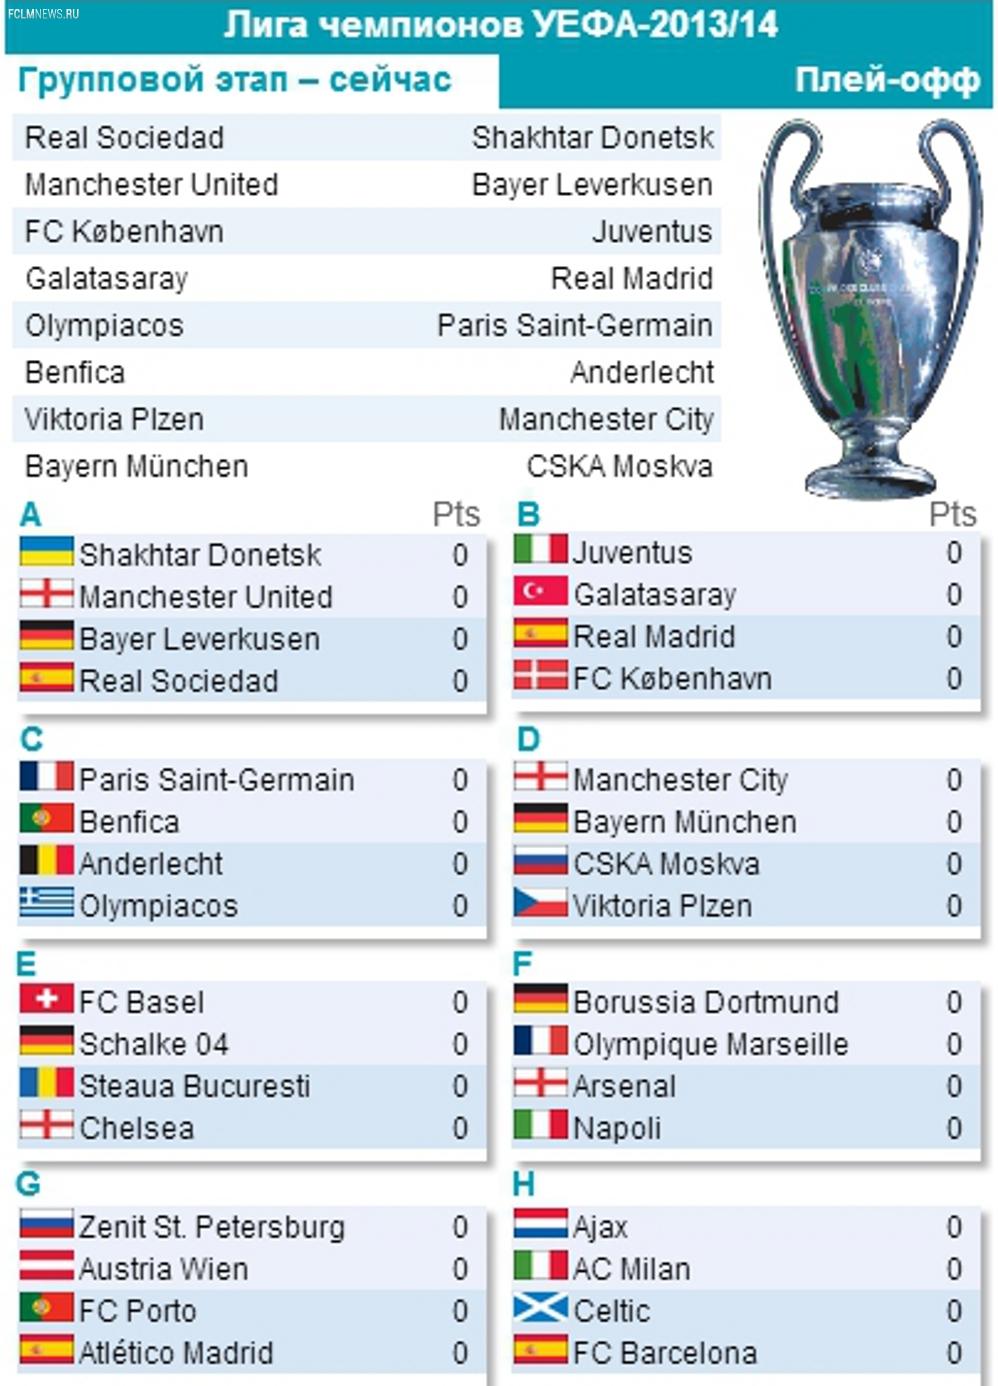 Лига чемпионов-2013/14: все участники, все матчи, все голы...